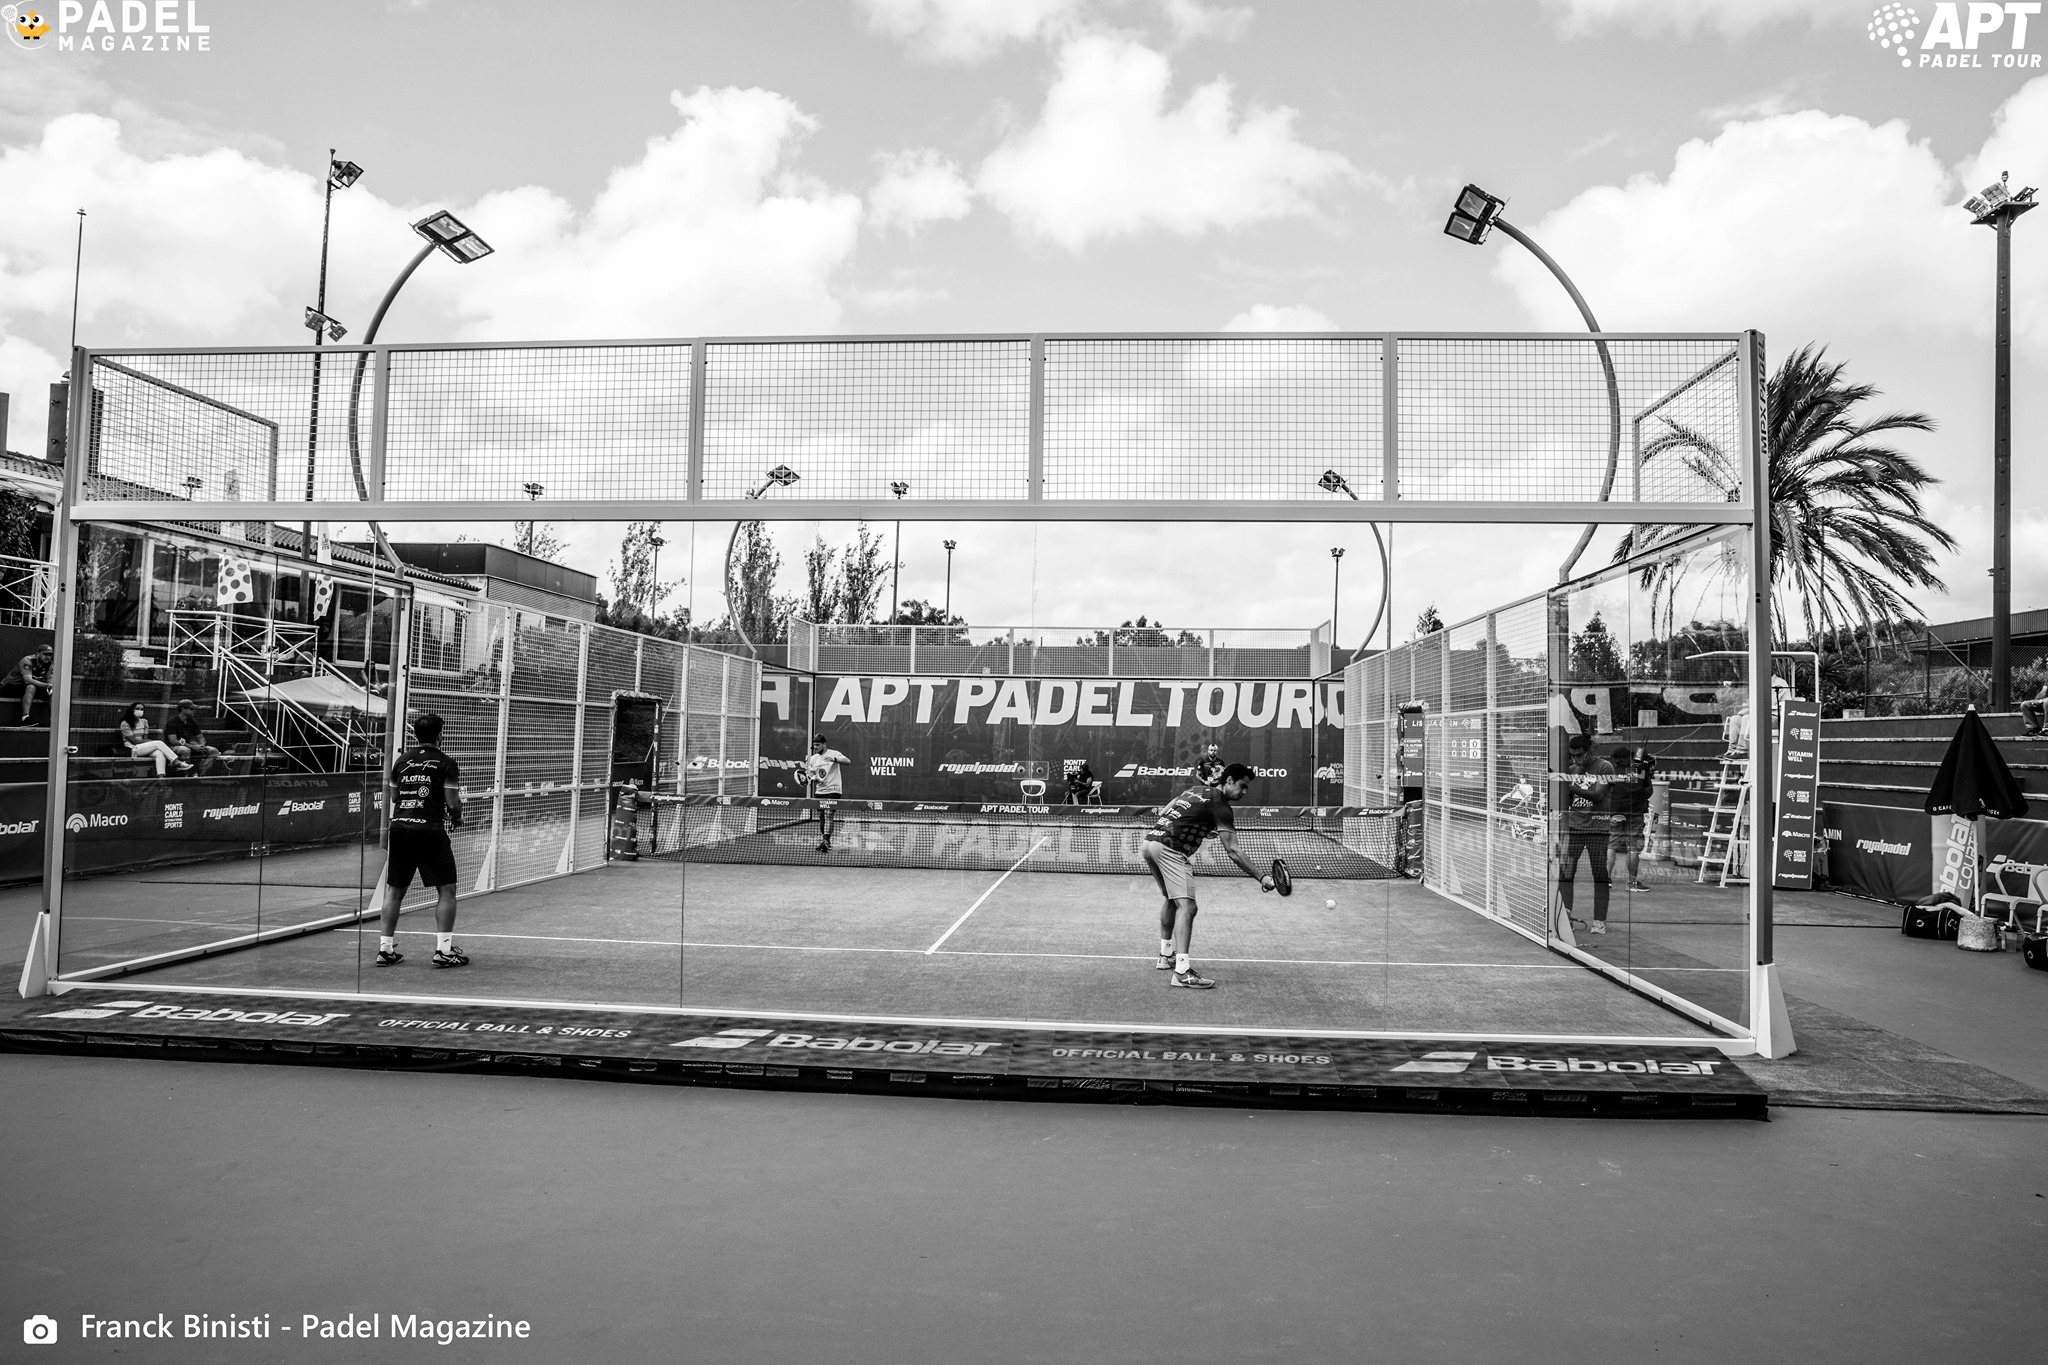 APTプレビア Padel ツアー-ポルトガルマスター2021